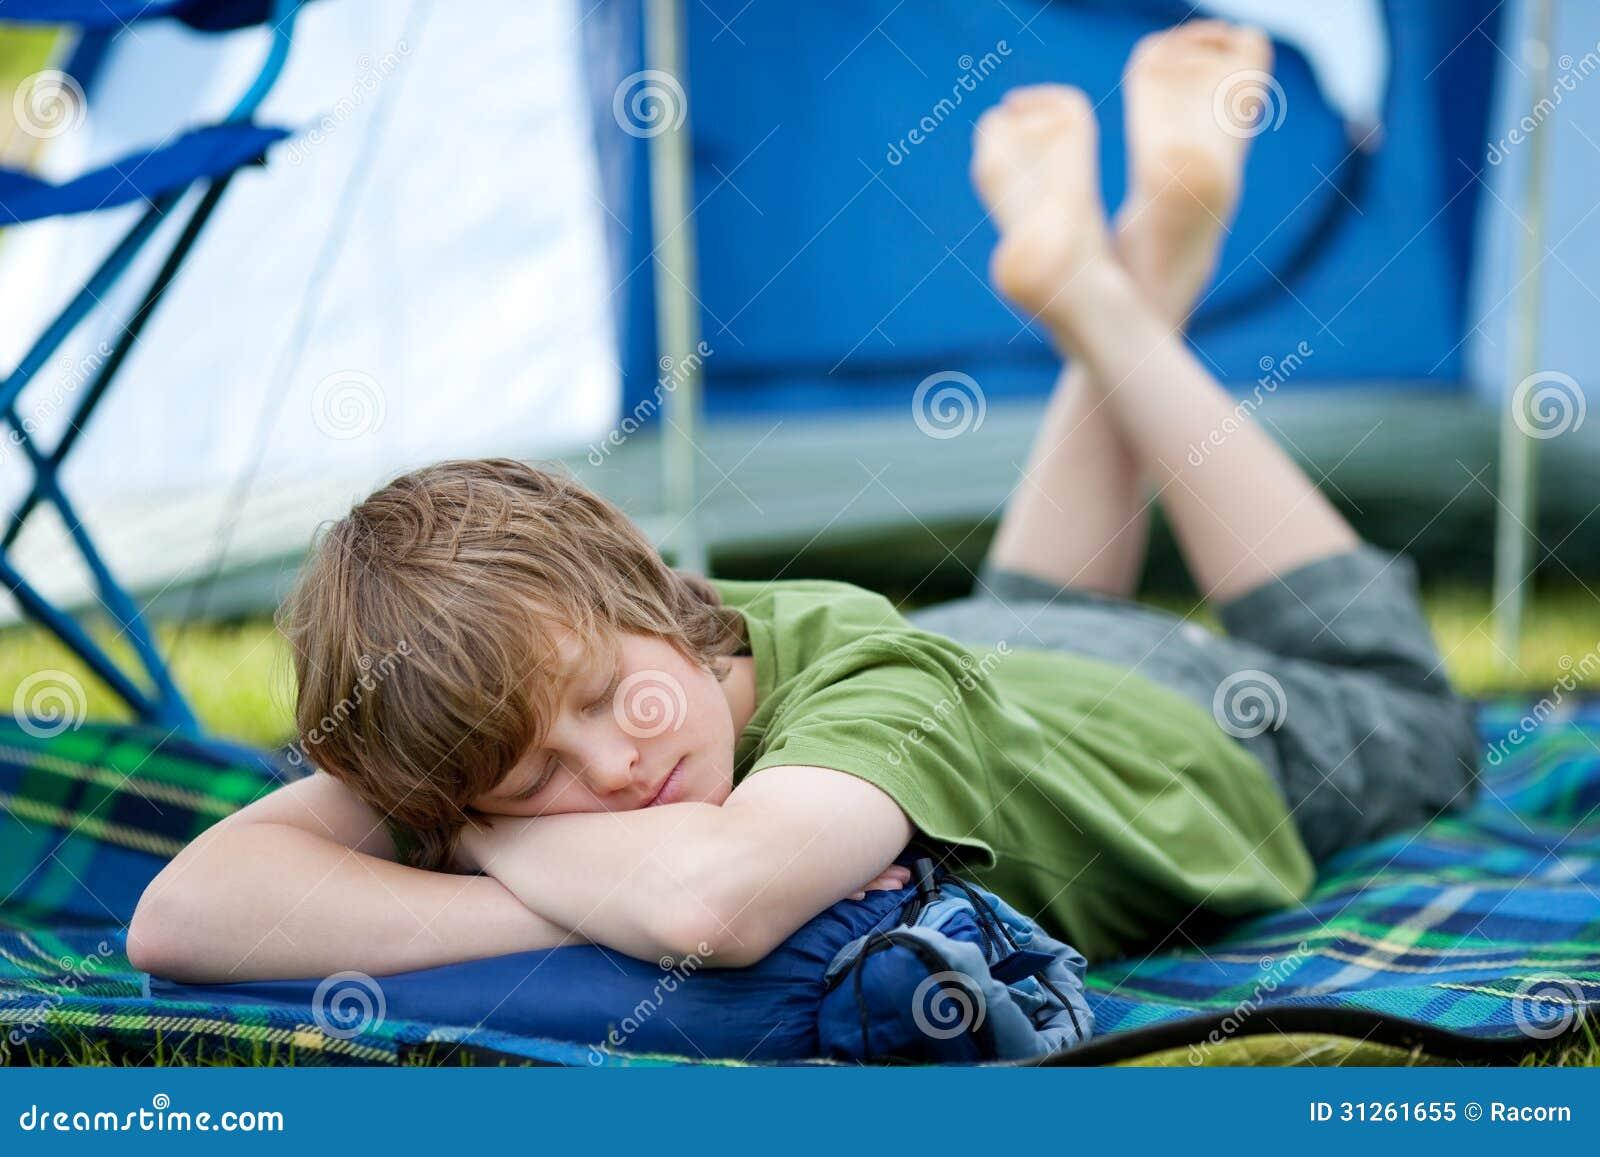 Teen Summer Sleep Camps